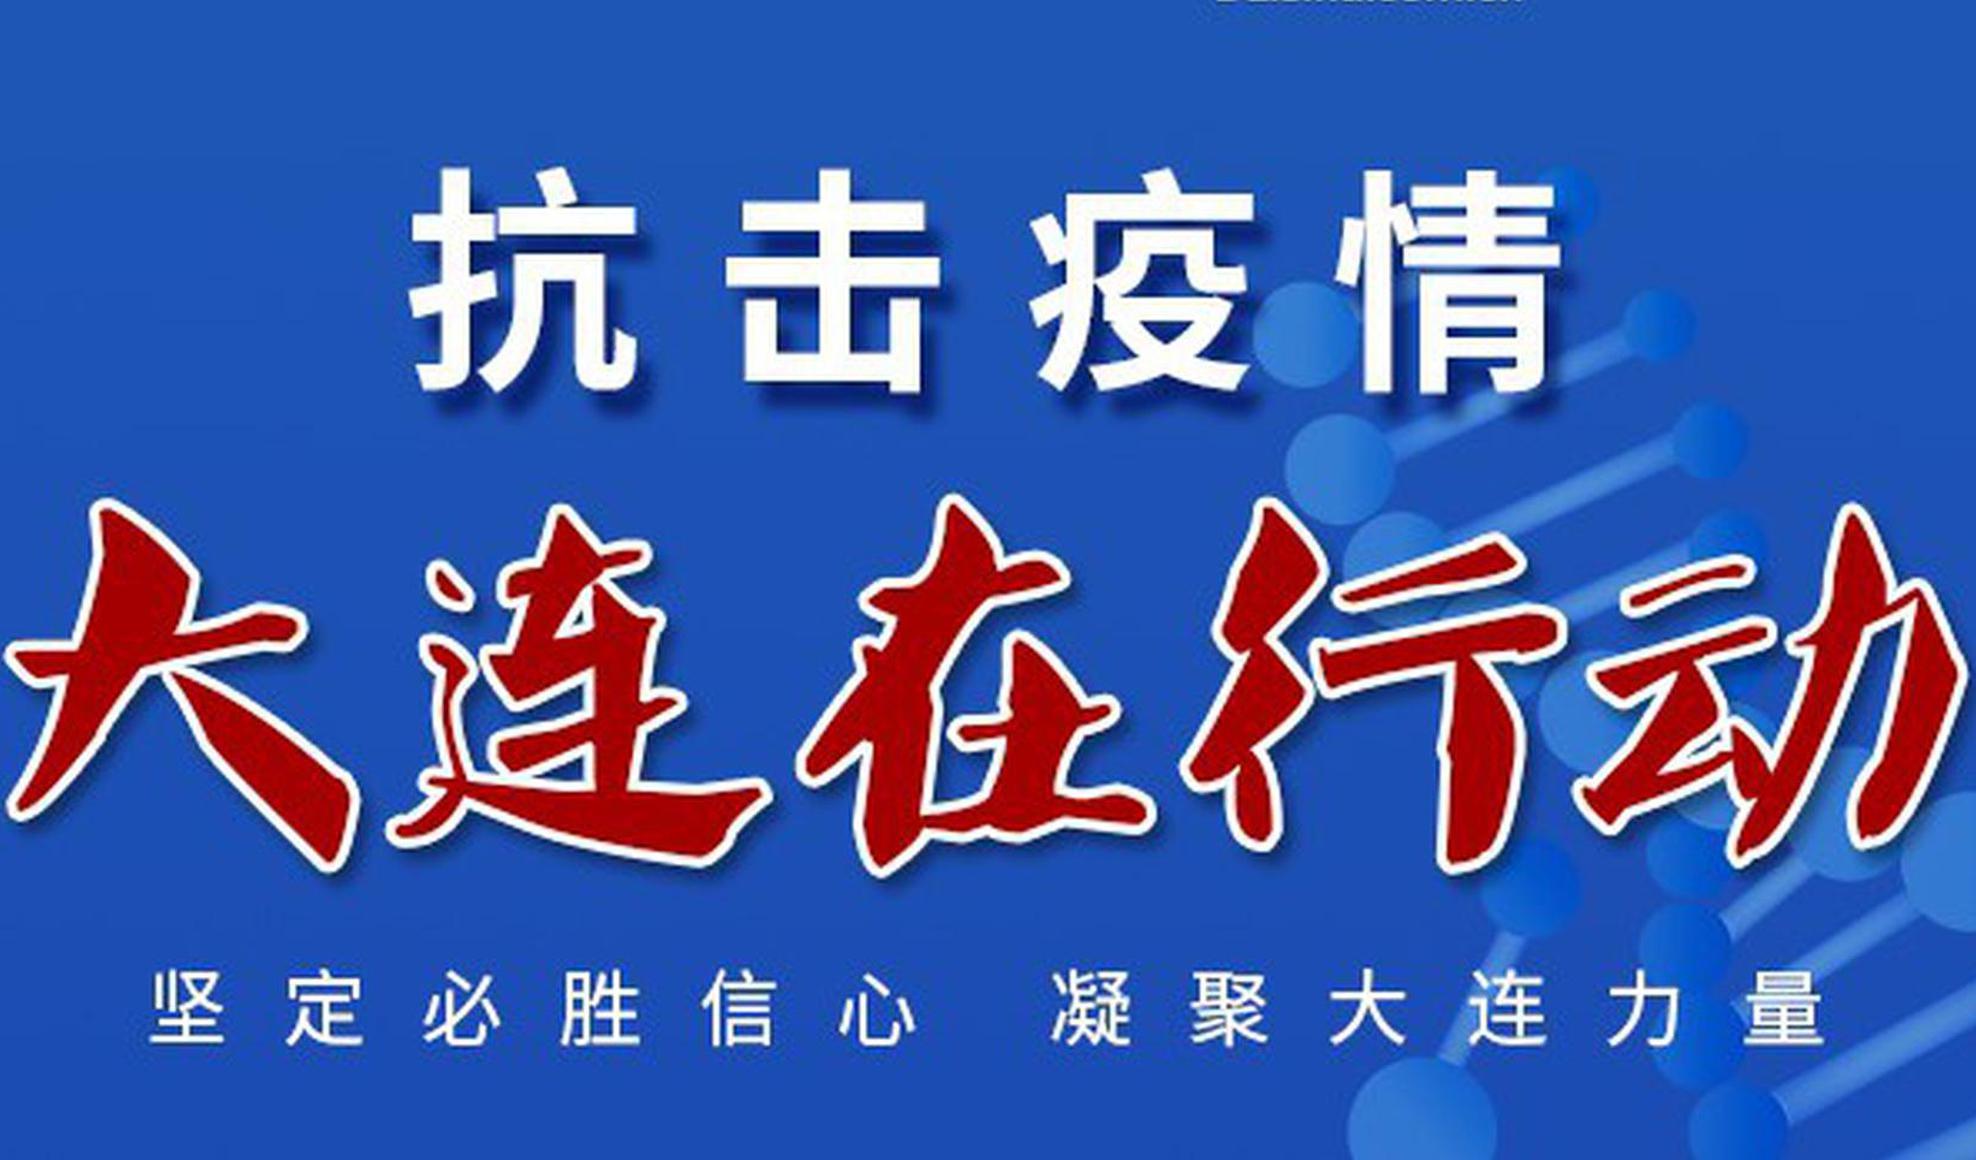 辽宁省新型冠状病毒感染的肺炎疫情防控指挥部令(第9号)